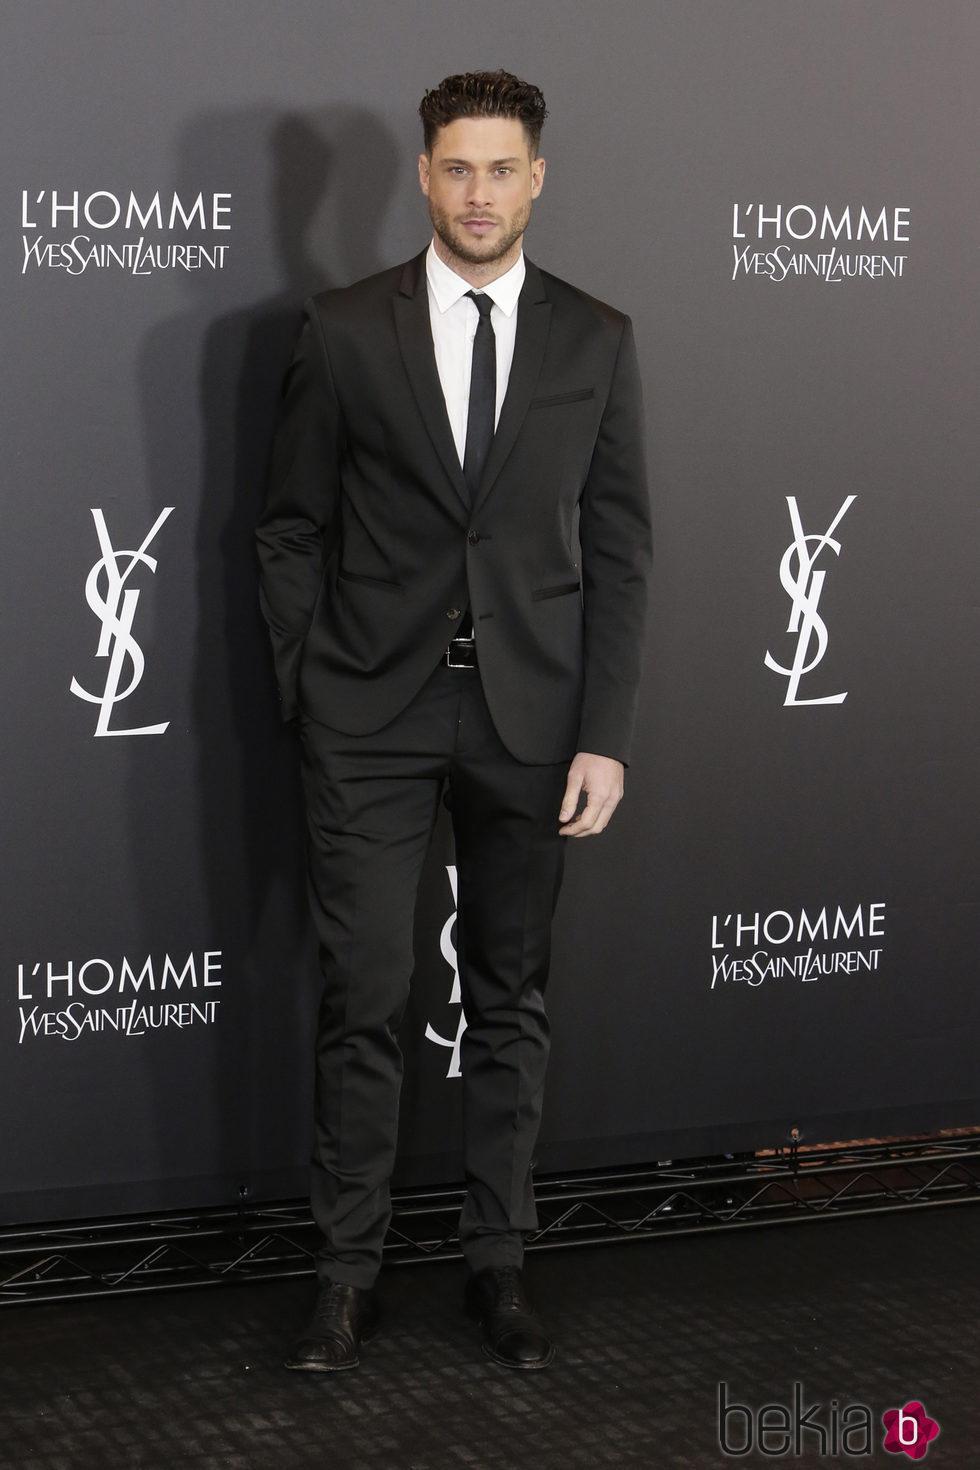 Jose Lamuño en el aniversario del perfume 'L'Homme' de Yves Saint Laurent en Madrid